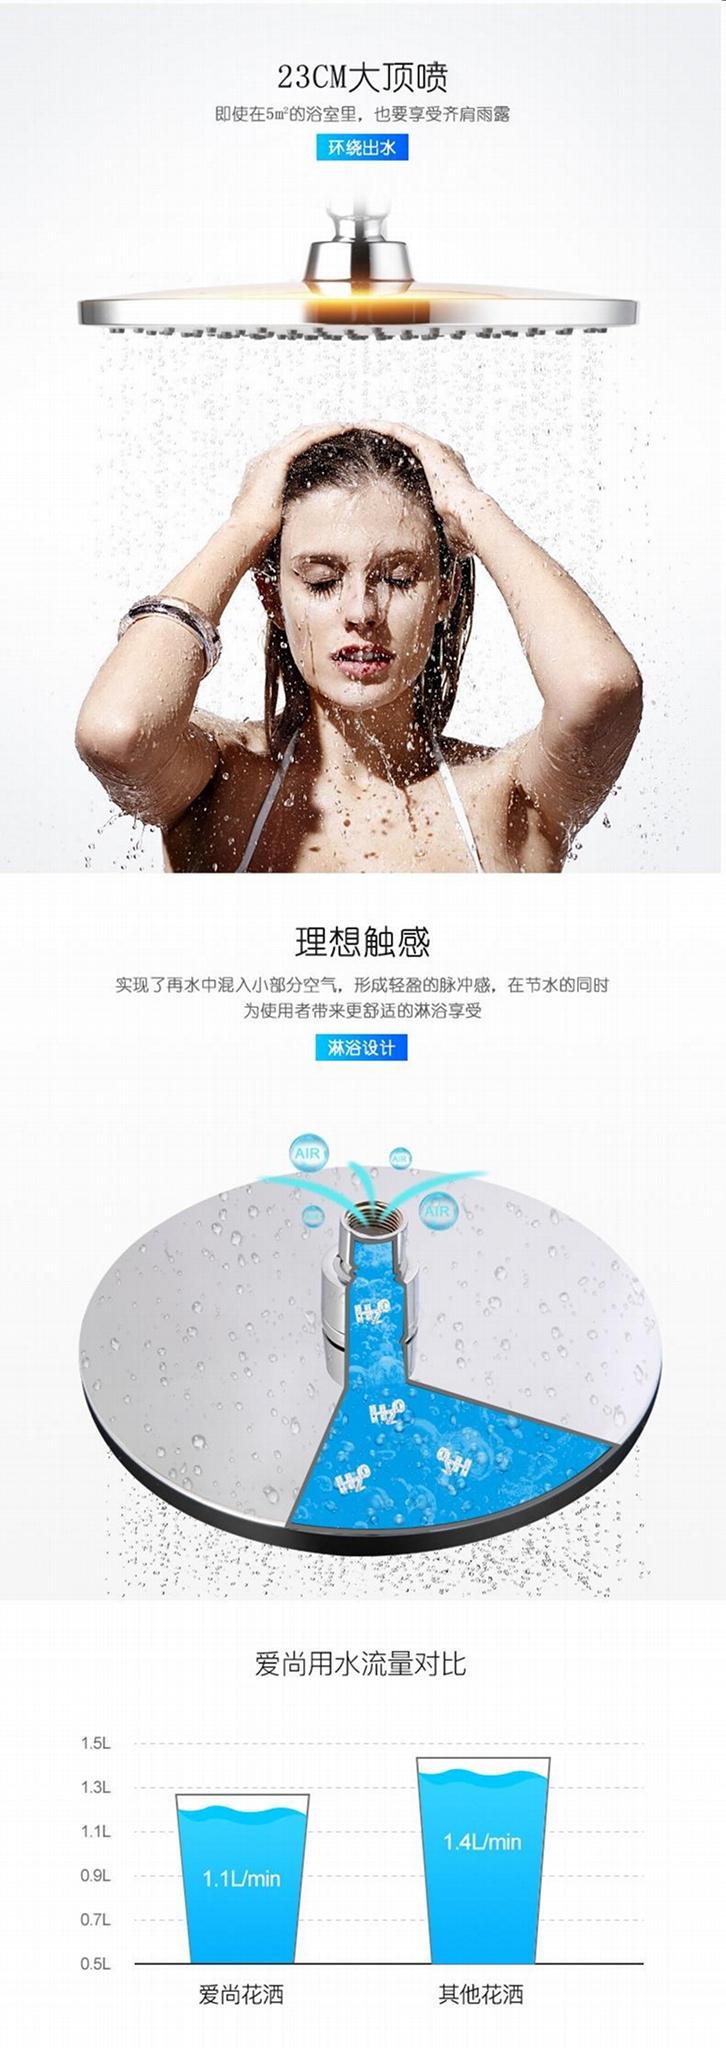 愛尚衛浴廠家直銷冷熱淋浴花灑套裝 2